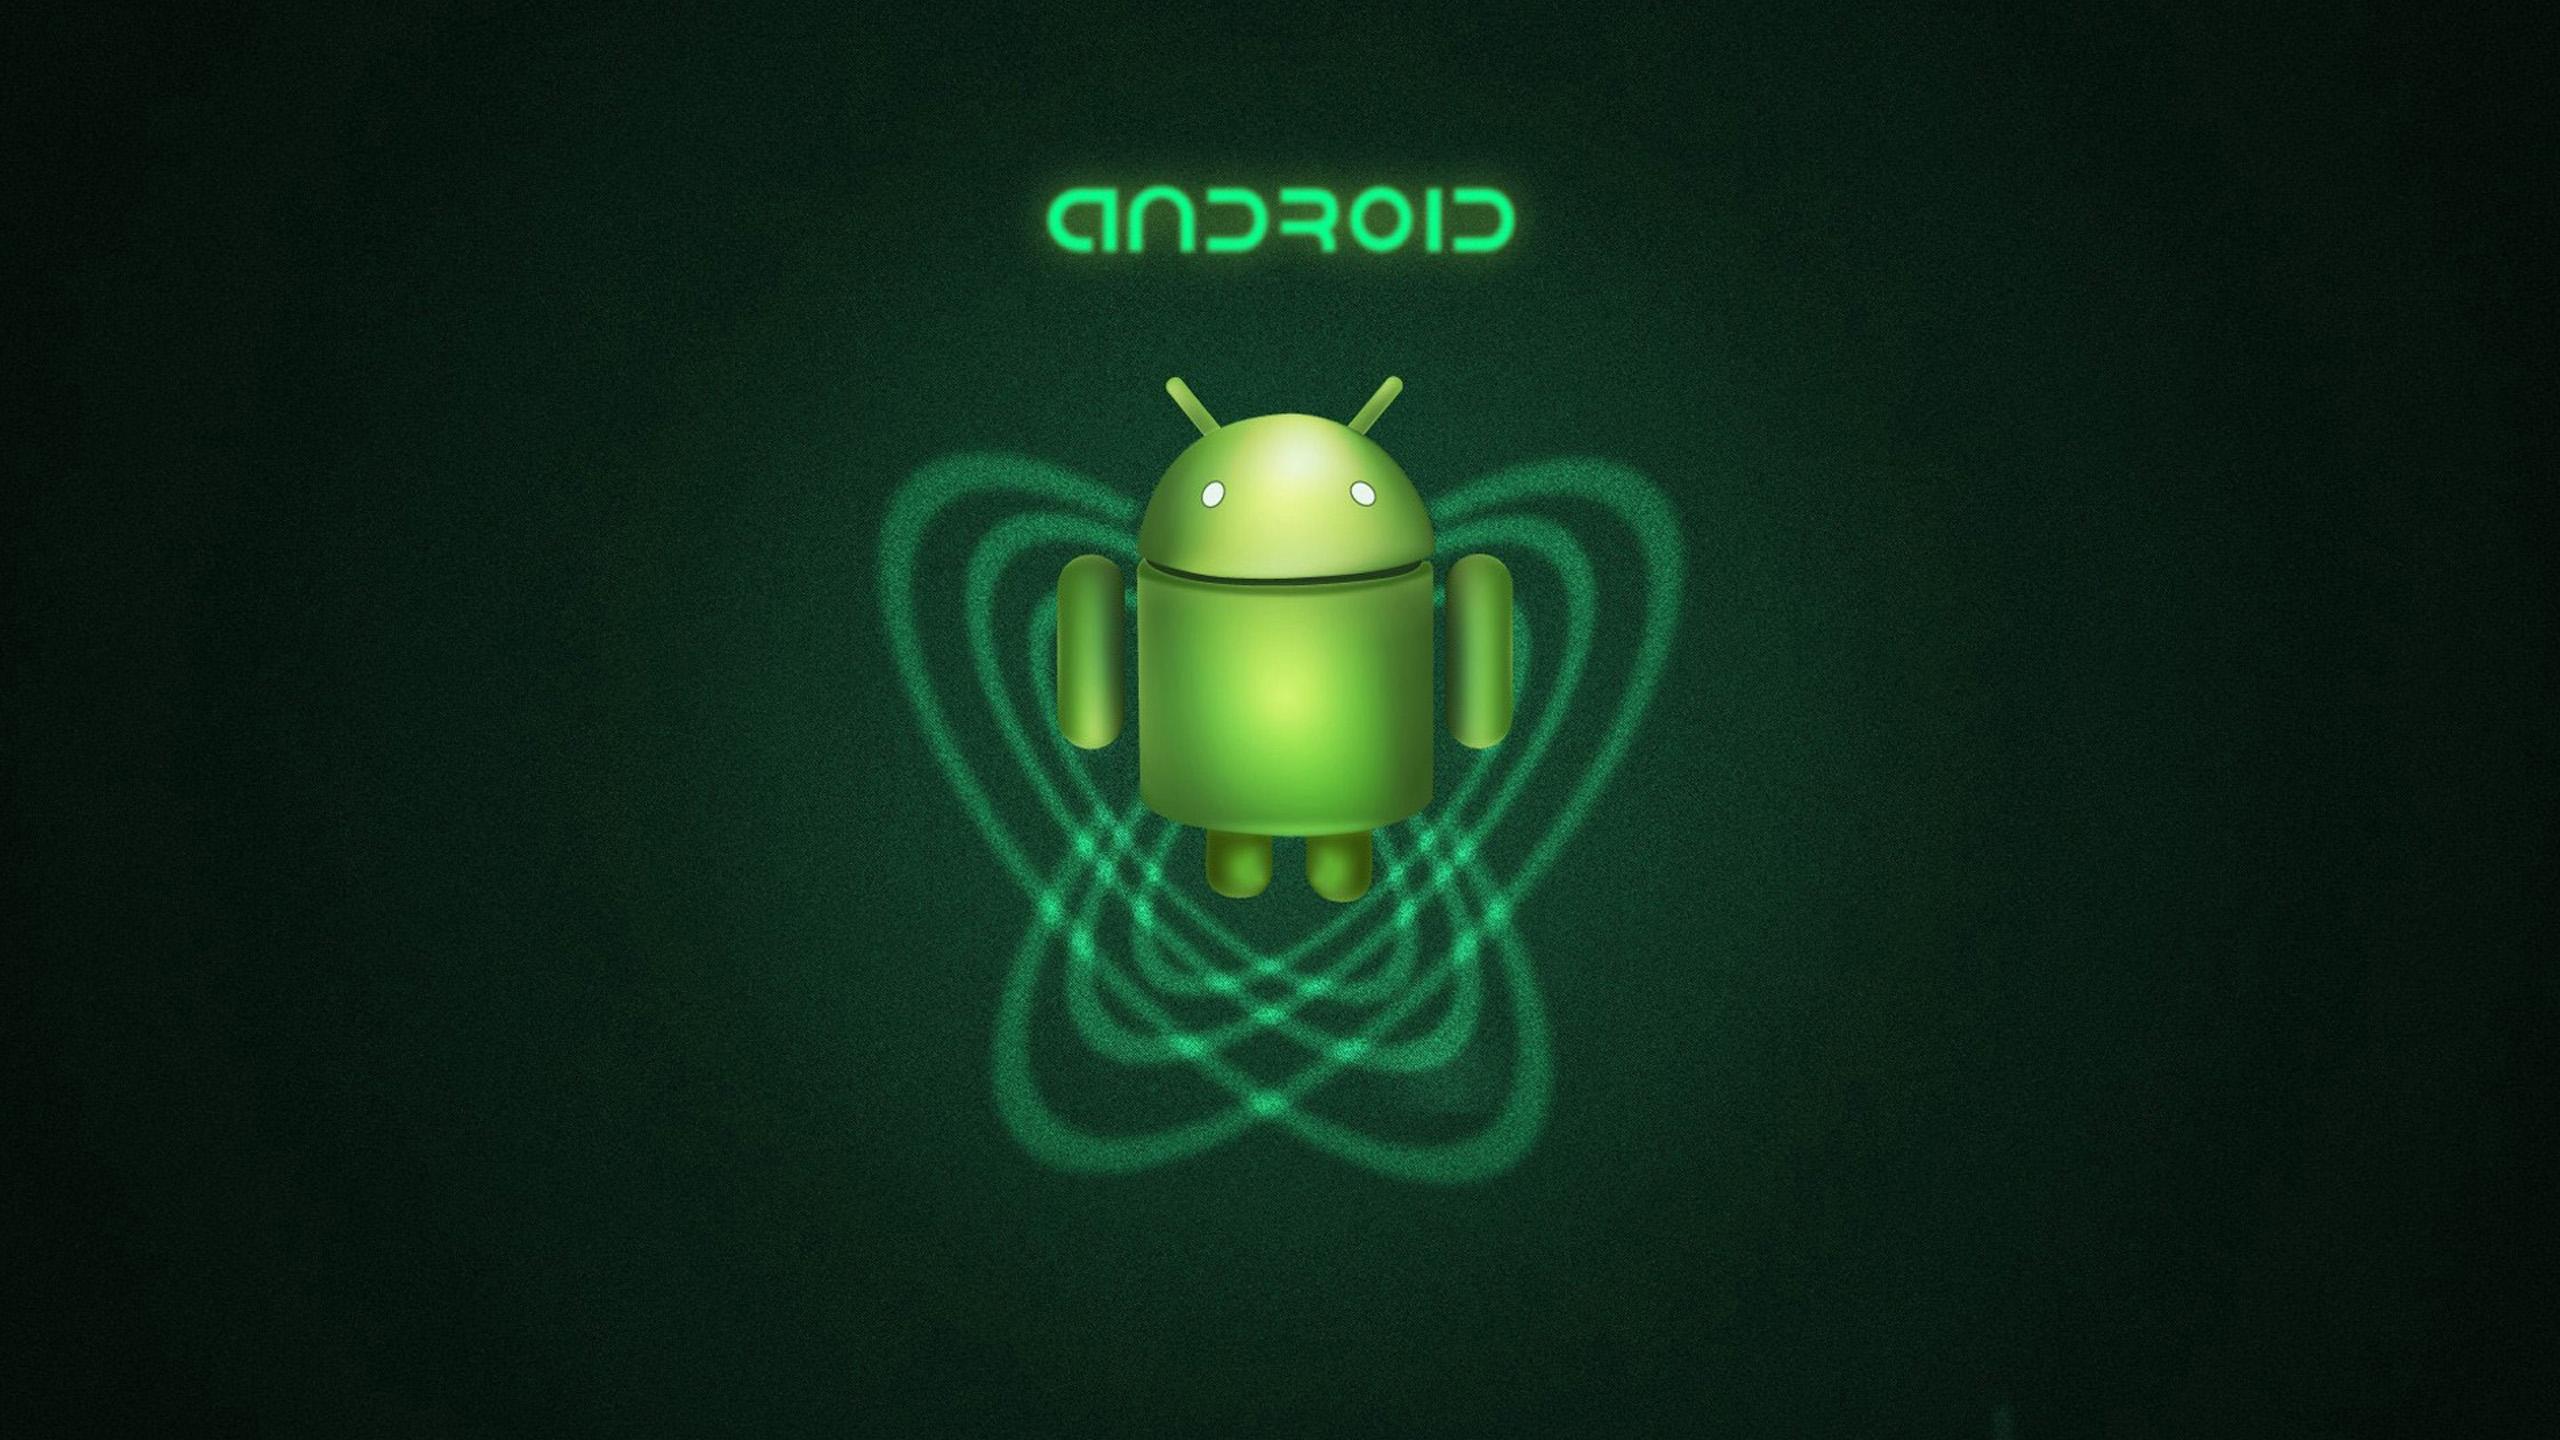 Los Fondos De Pantalla Animados Deportes Para Android: Mejores Fondos De Pantalla Y Animados Para Android En Hd